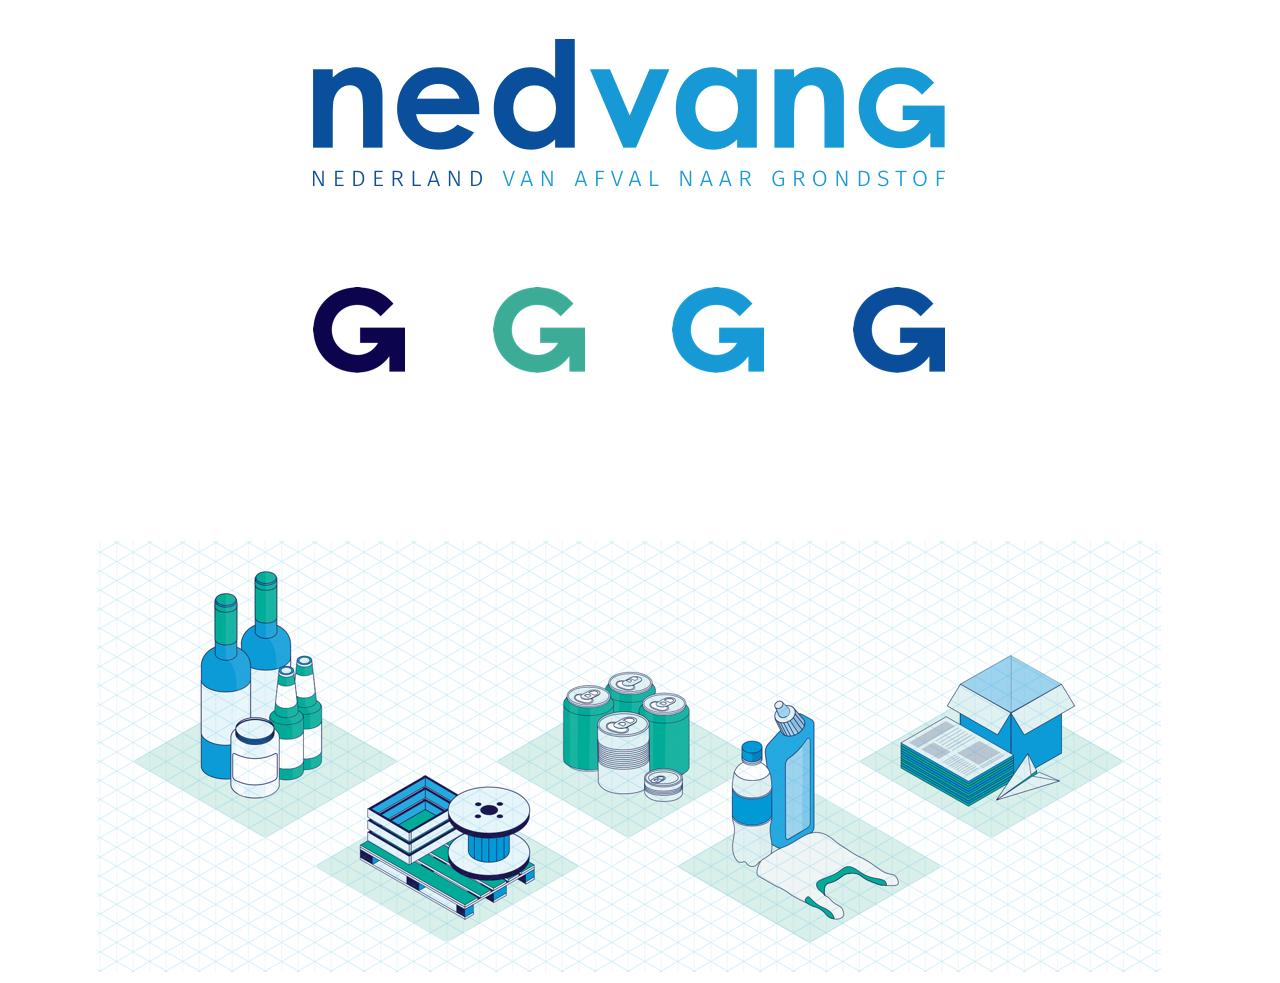 Logo van Nedvang en 5 illustraties van recycling materialen